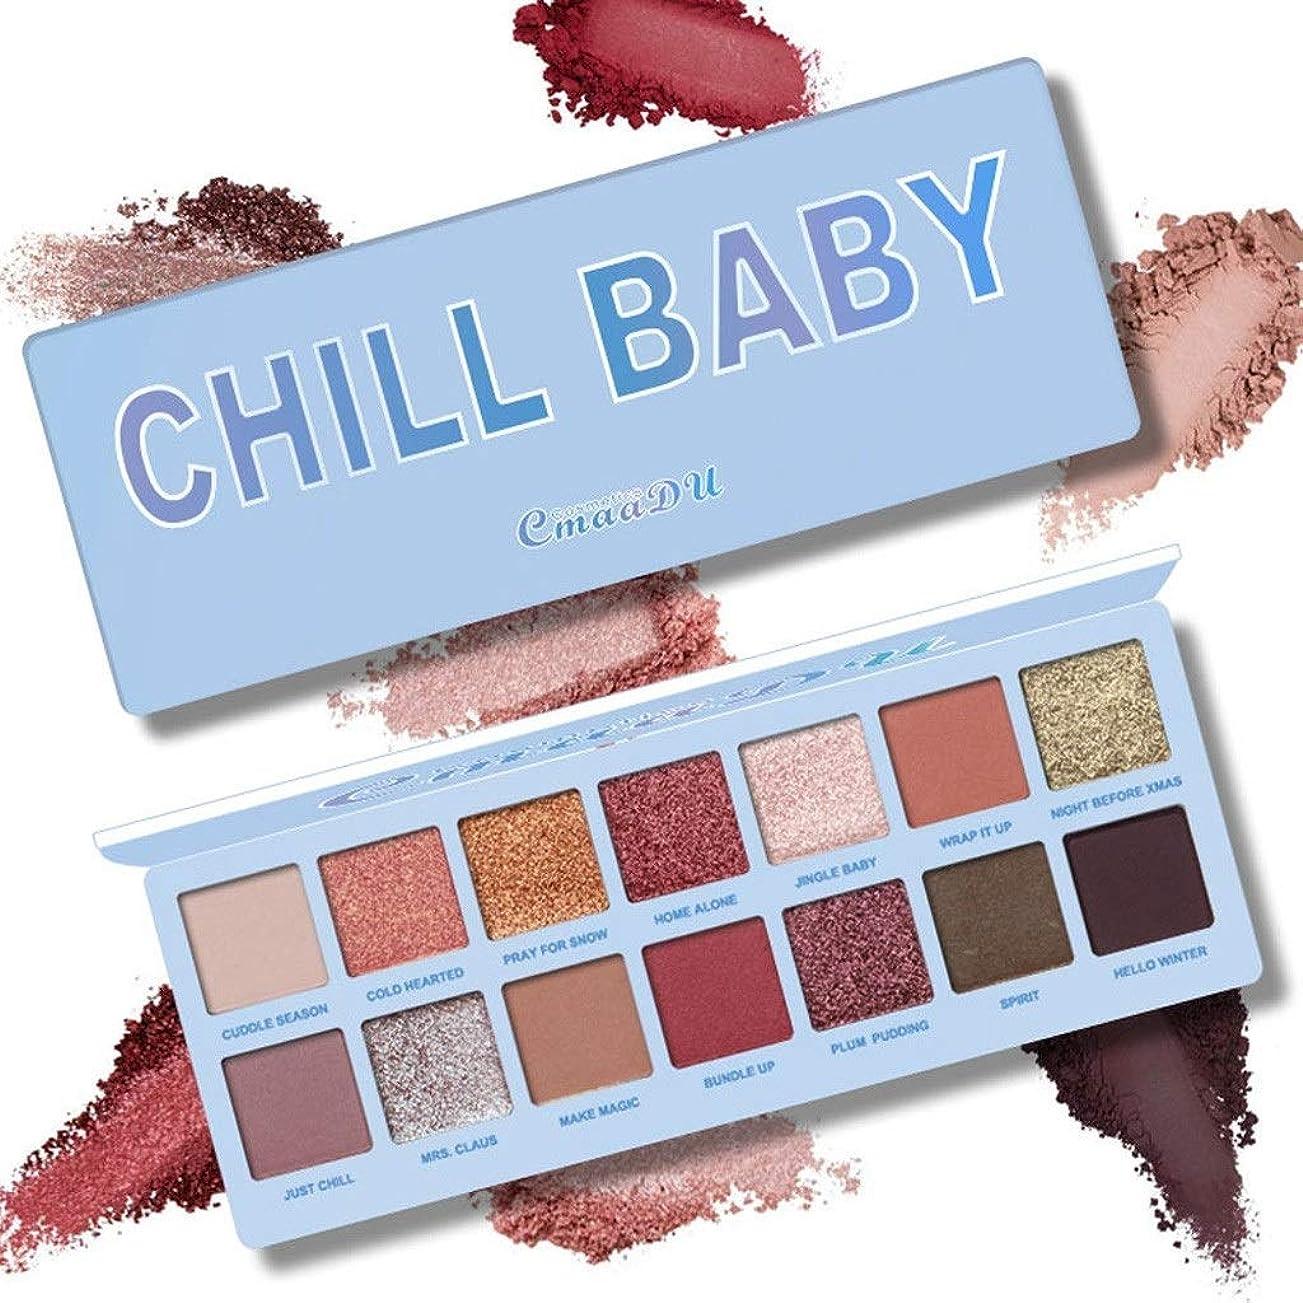 複合サイレント名前を作る美容アクセサリー 3ピース14色ヌードシャイニングアイシャドウパレット防水スモーキーアイシャドーパレットマットパウダー化粧品(スカイブルー) 写真美容アクセサリー (色 : Sky blue)